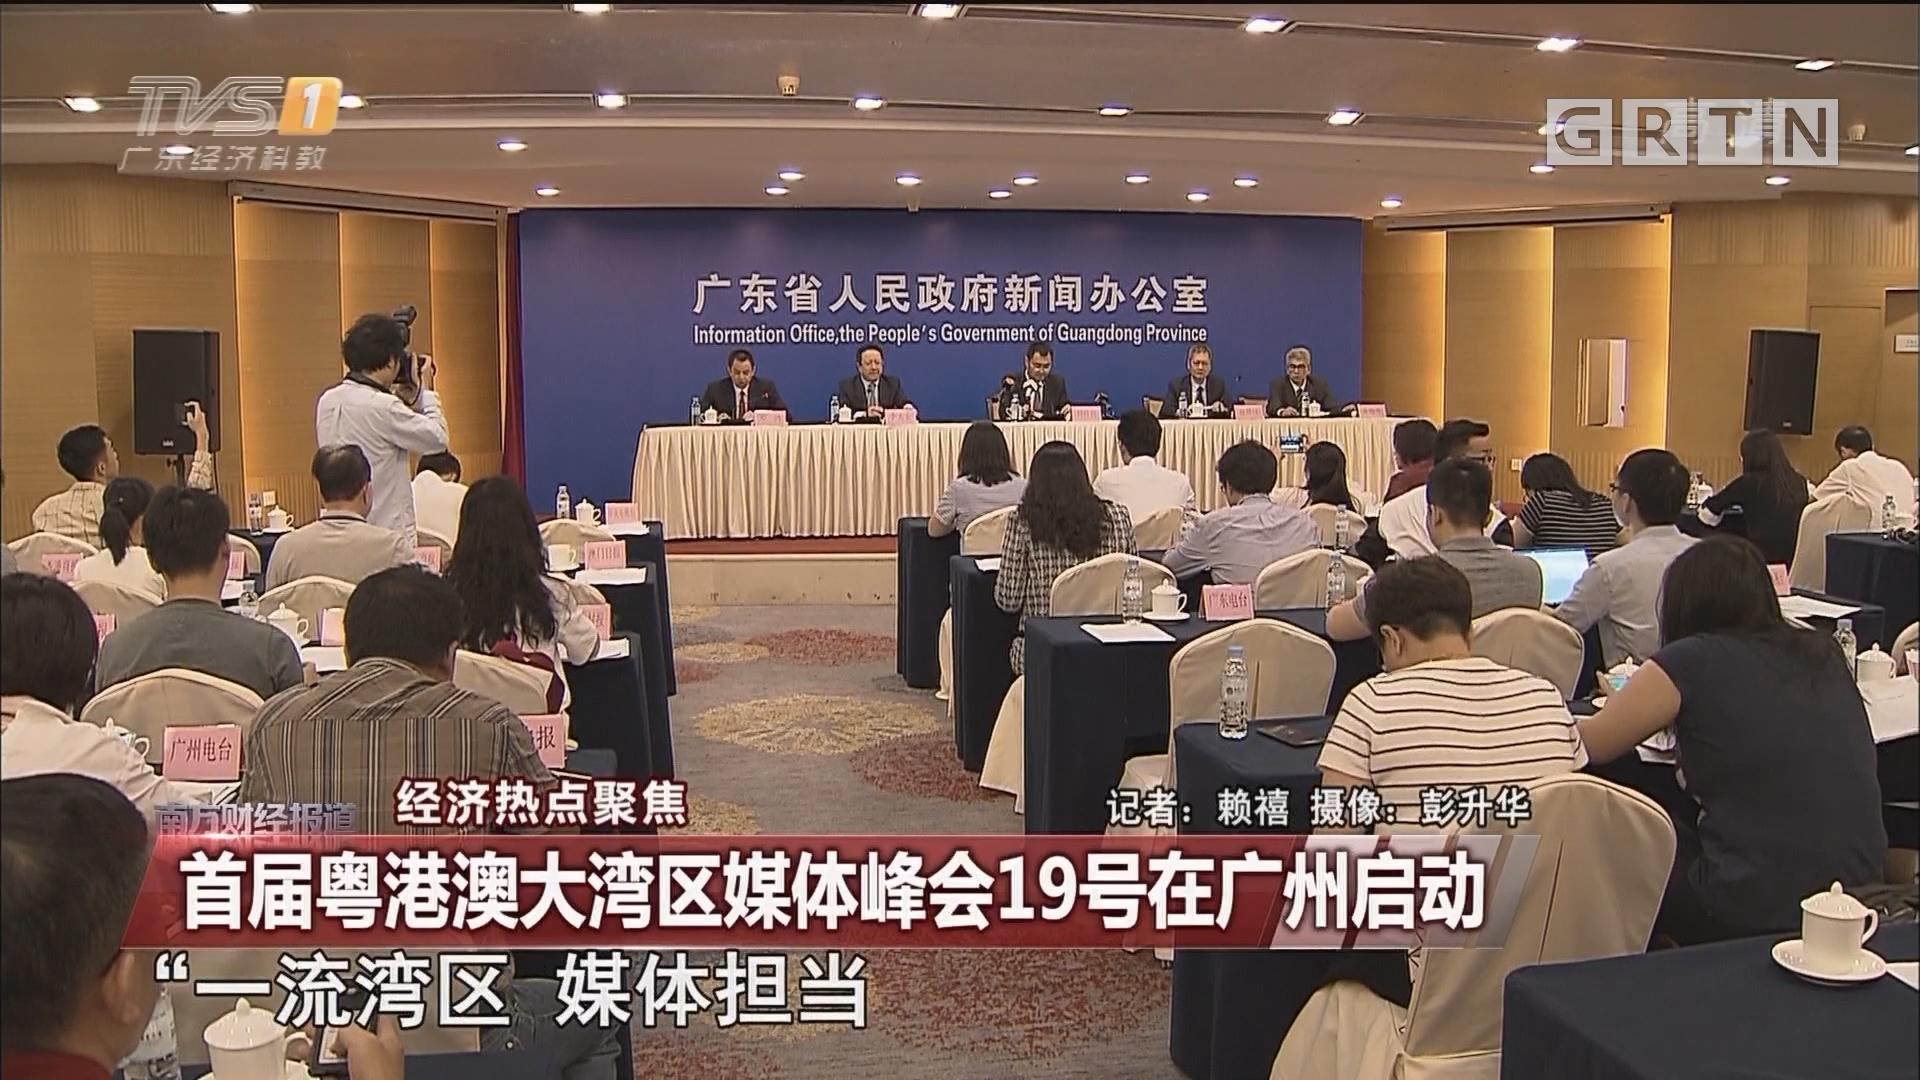 首届粤港澳大湾区媒体峰会19号在广州启动